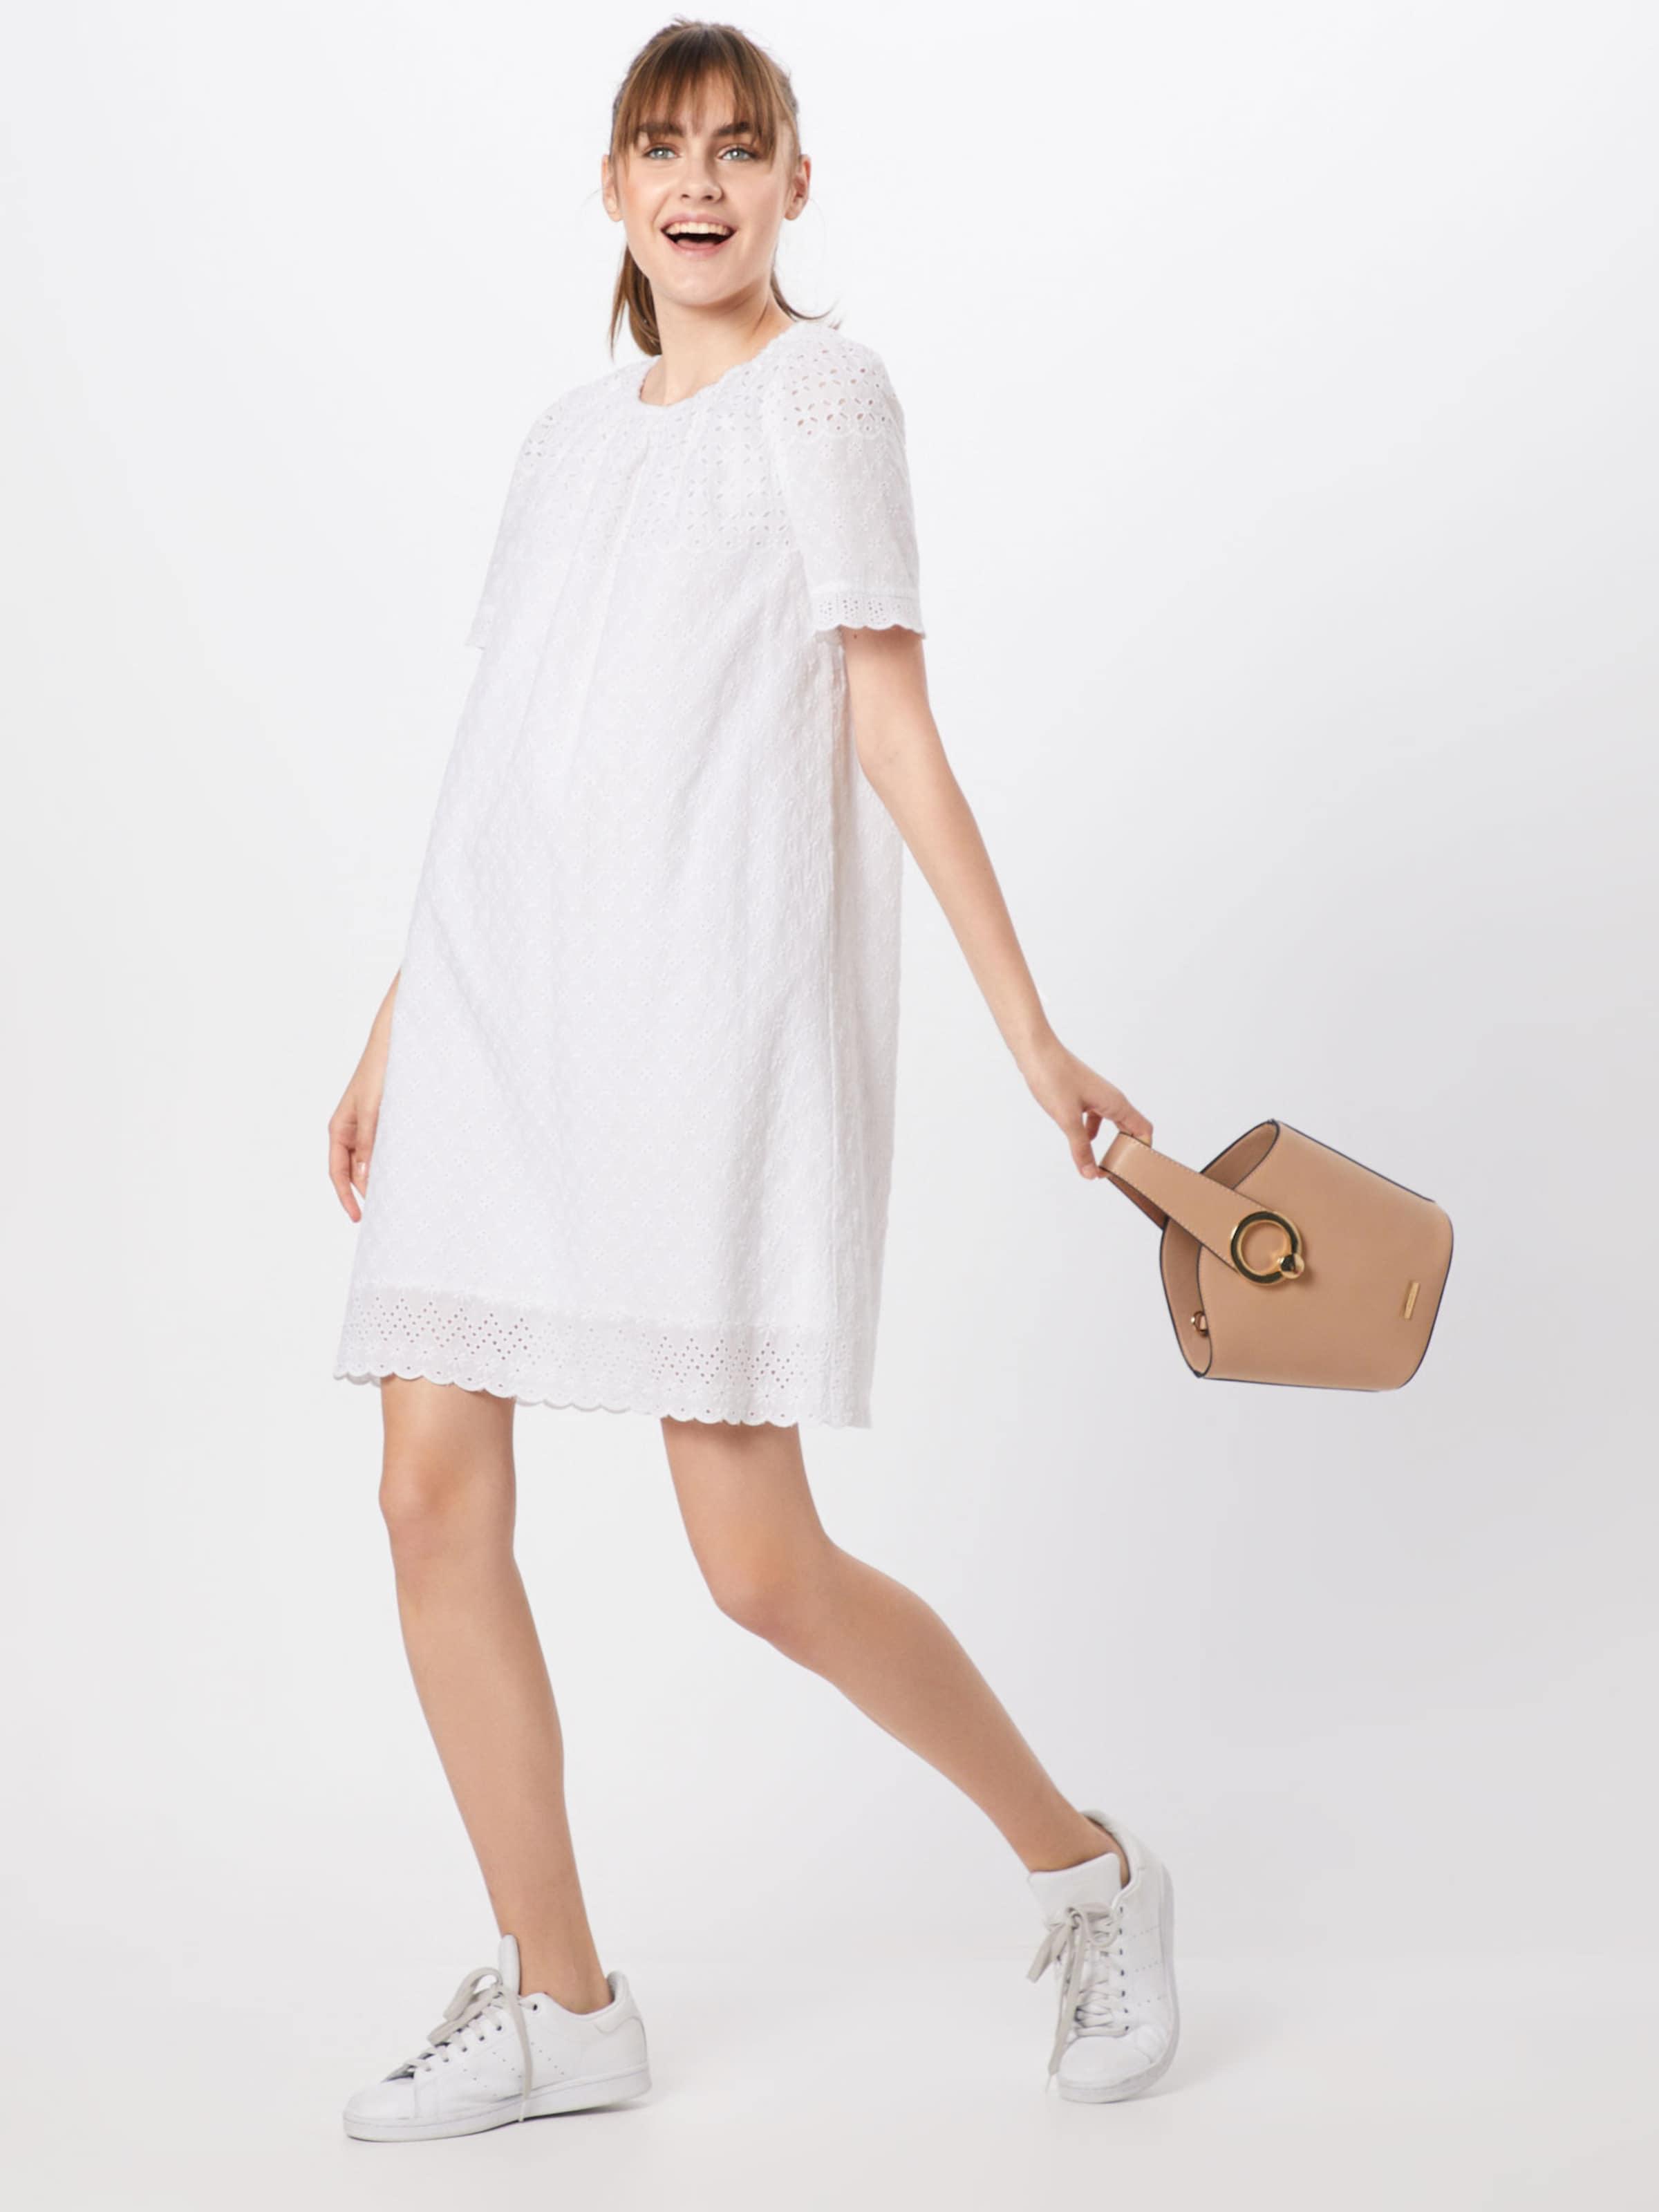 Weiß Kleid Kleid Gap Gap In In Weiß WH9EI2D